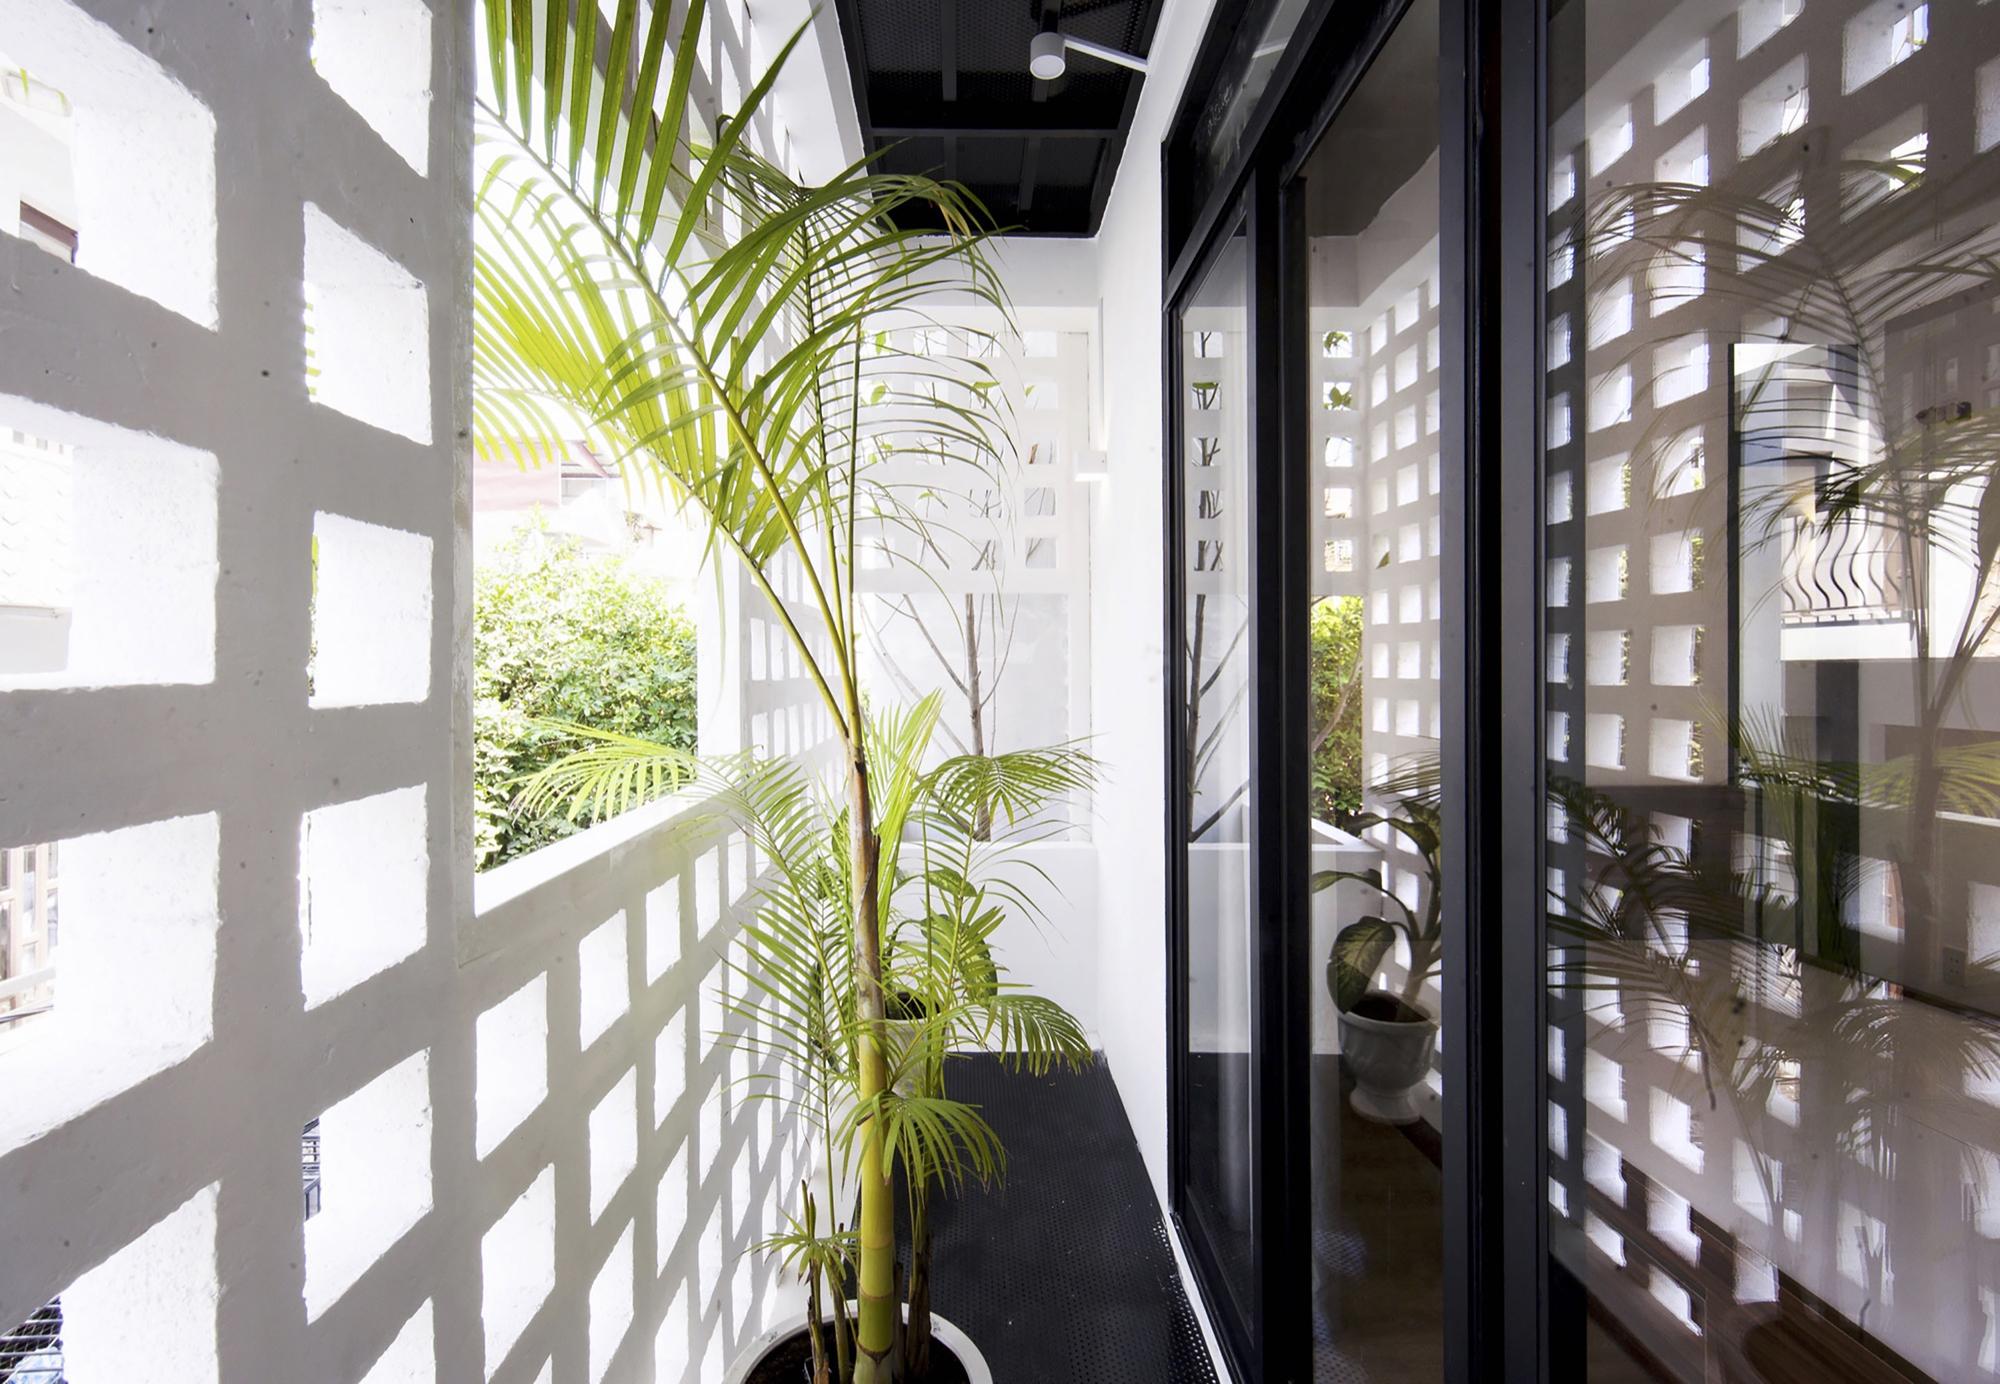 08-Q10_house_celosia_ceramica_studio8_vietnam_lumka_ceramica_a_mano_alzada